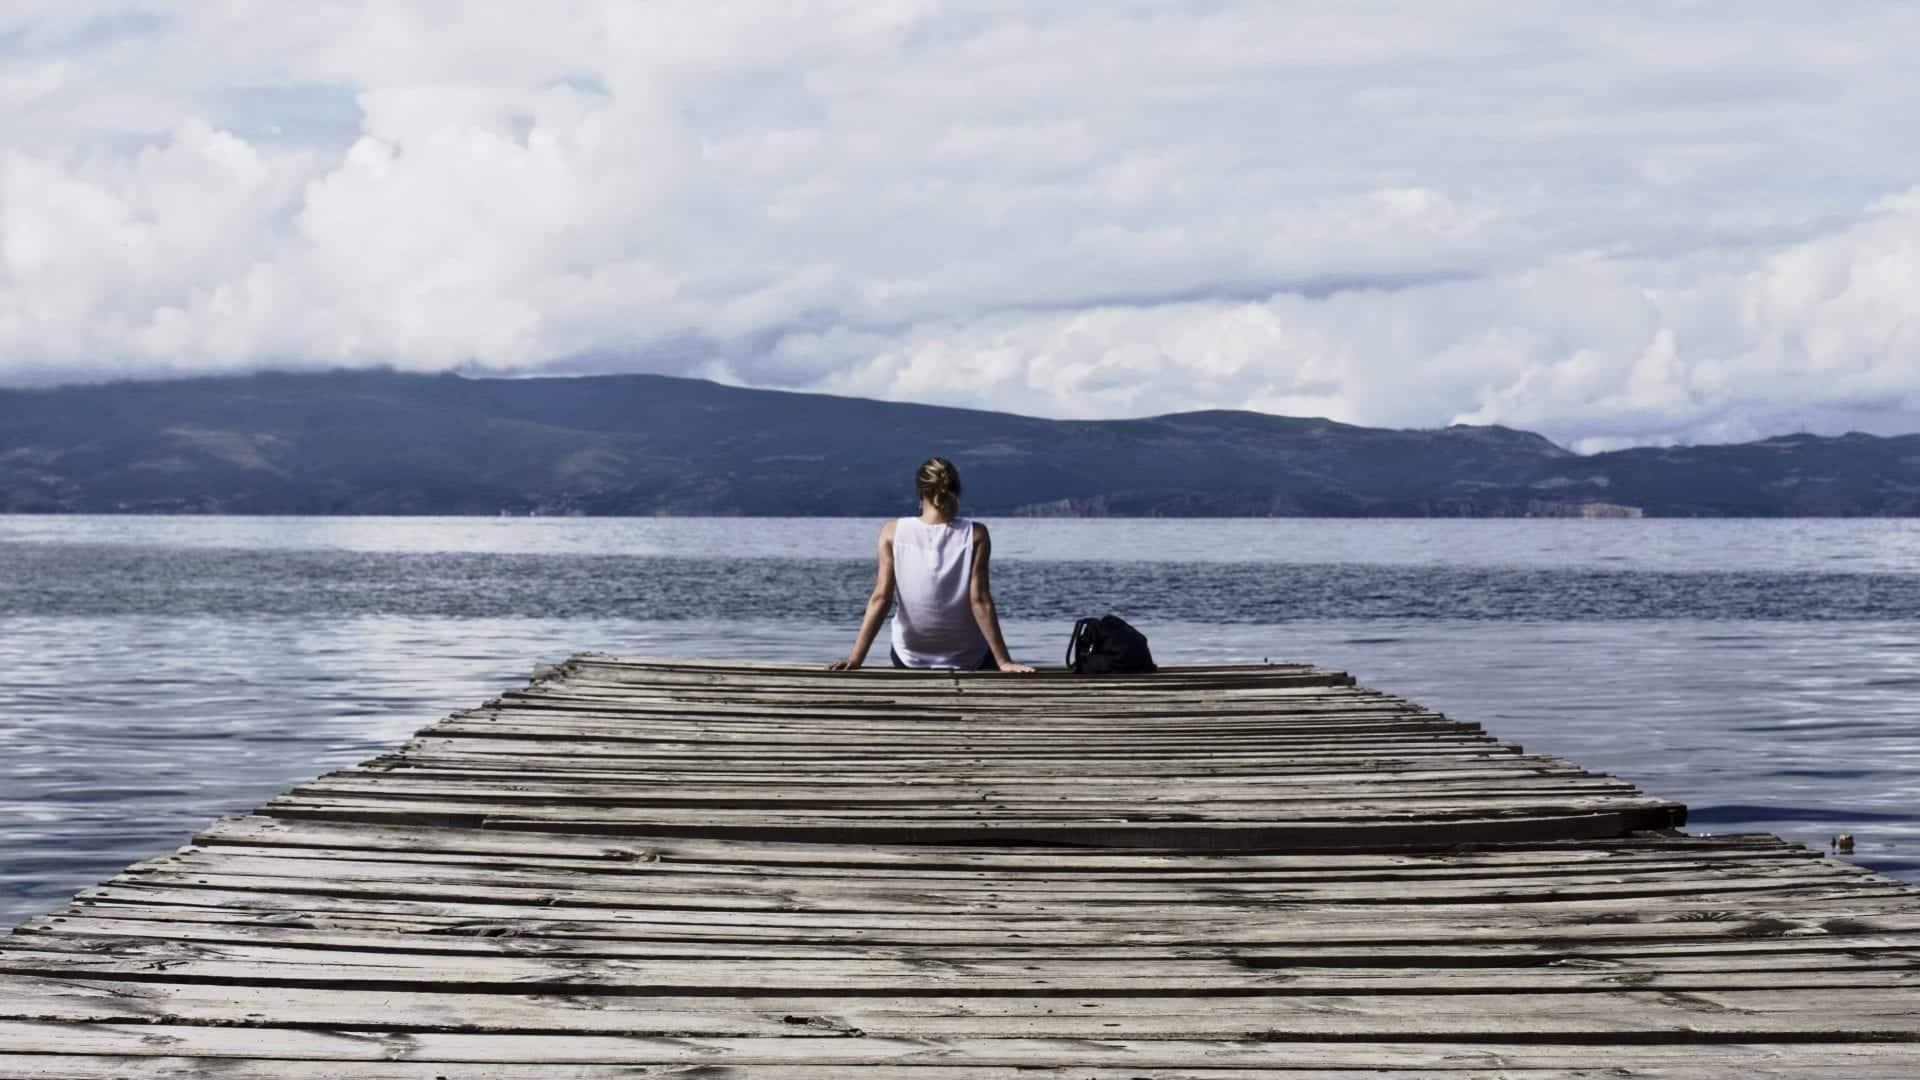 Viajar sozinha pode ser mais seguro do que você imagina. Vem conferir